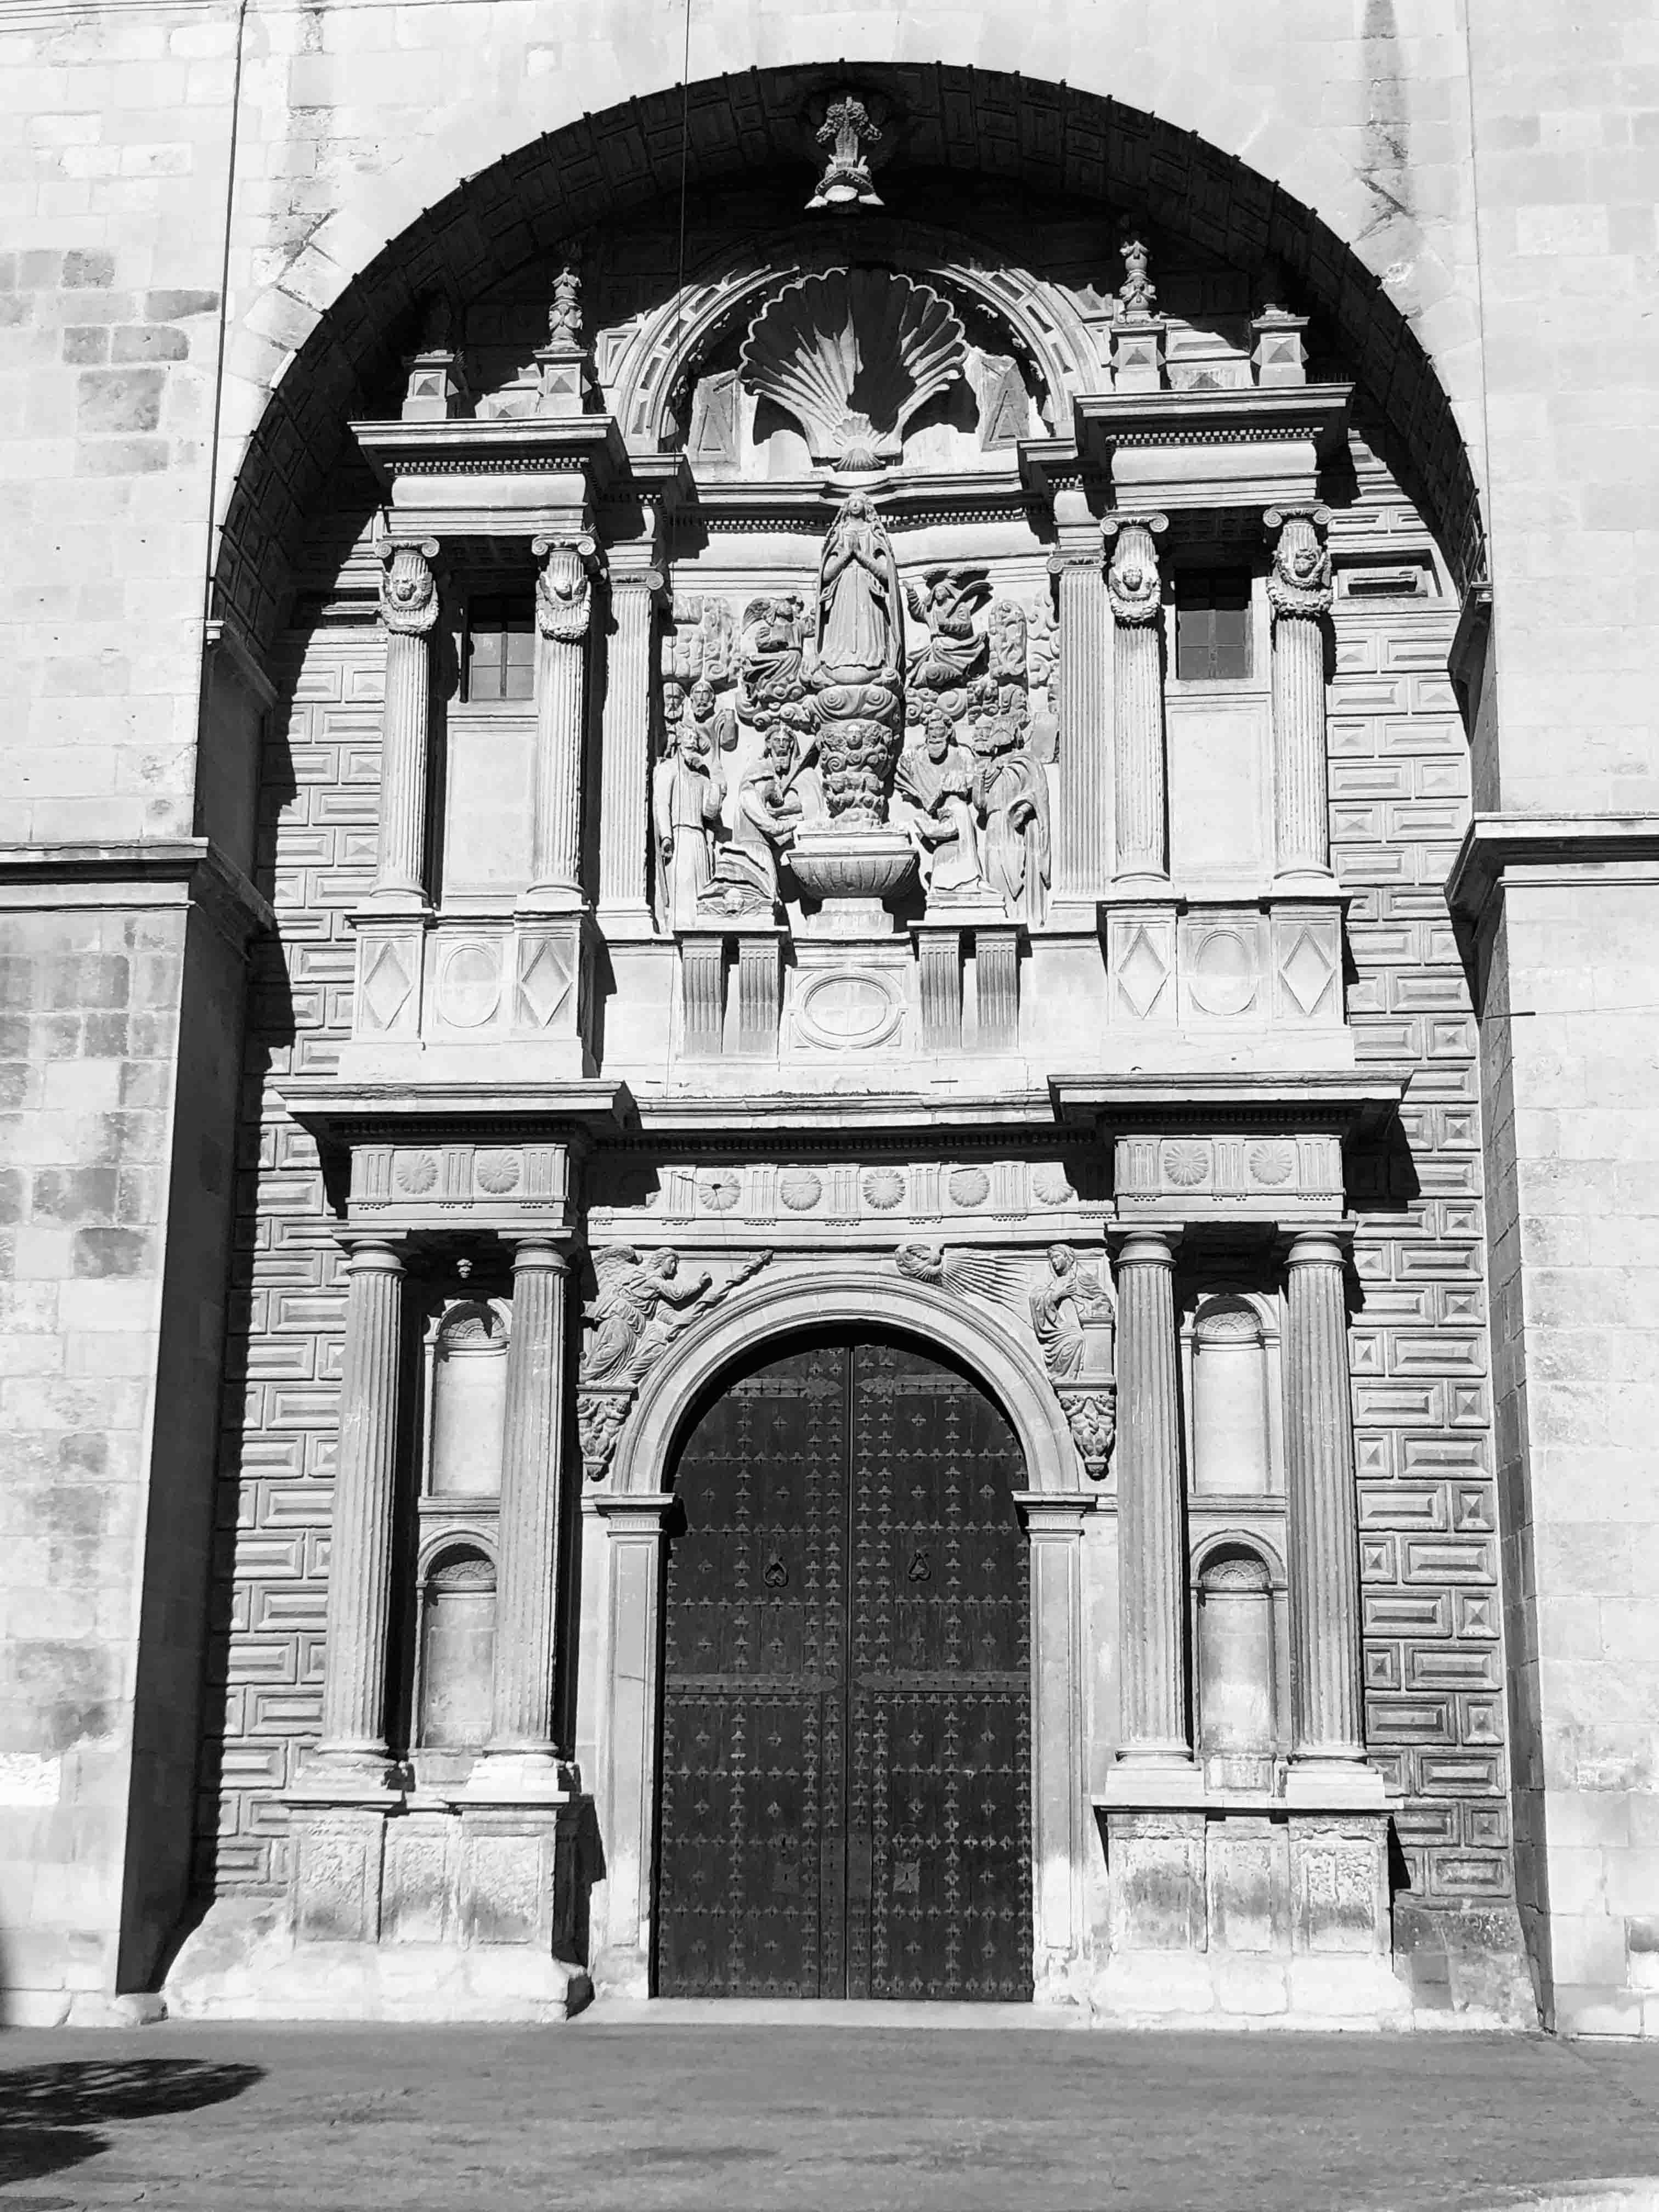 Galeria - Fábrica de Calzado - Paco Valiente S.L.